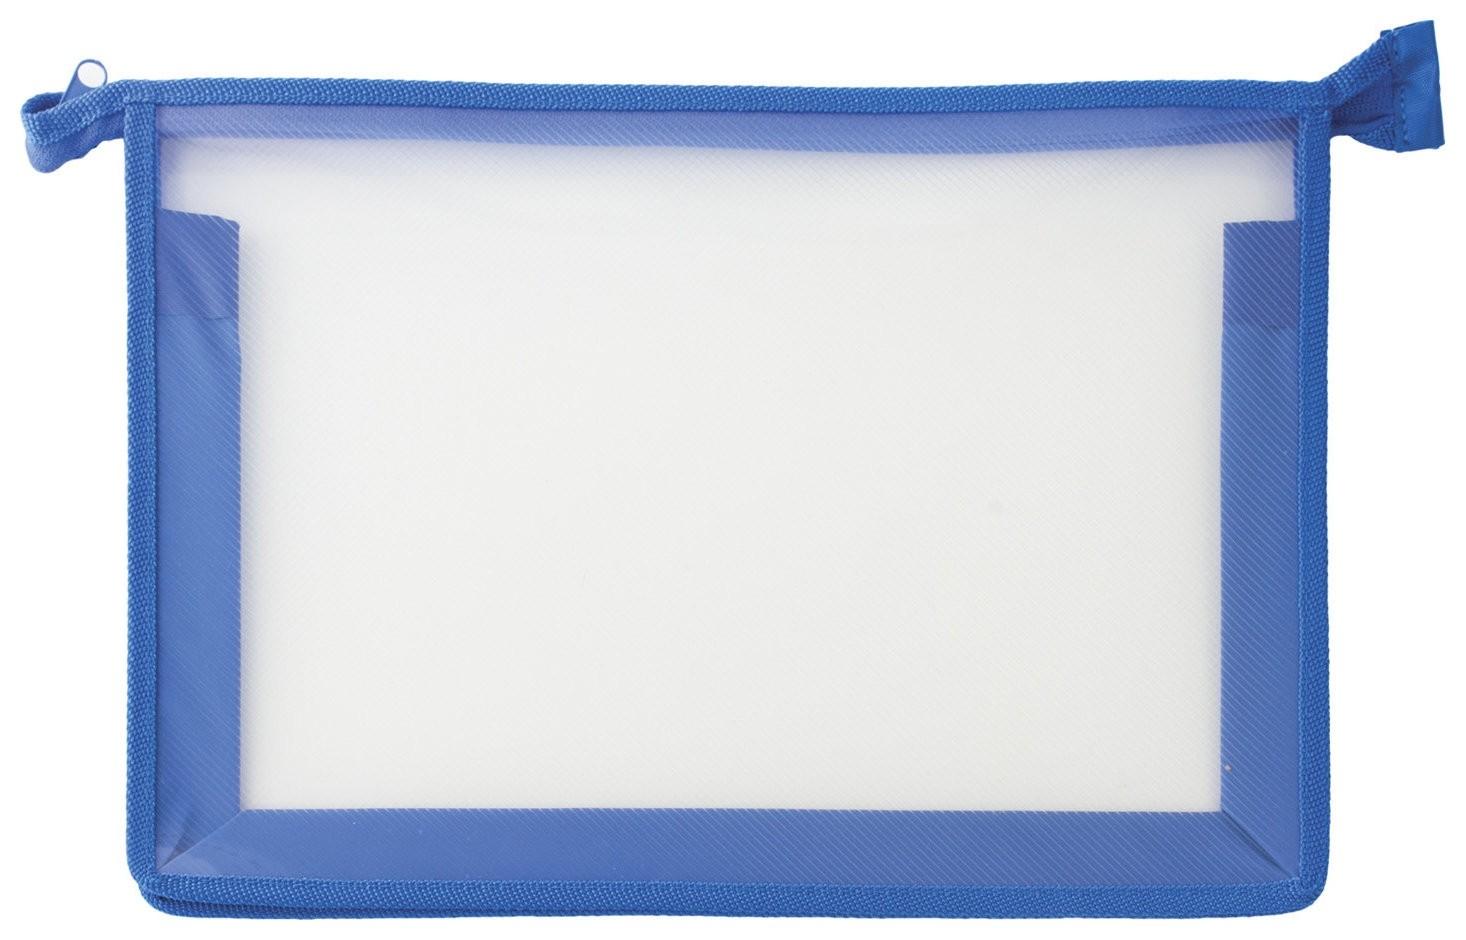 Папка для тетрадей а4 пластик, молния сверху, прозрачная, синяя  Пифагор